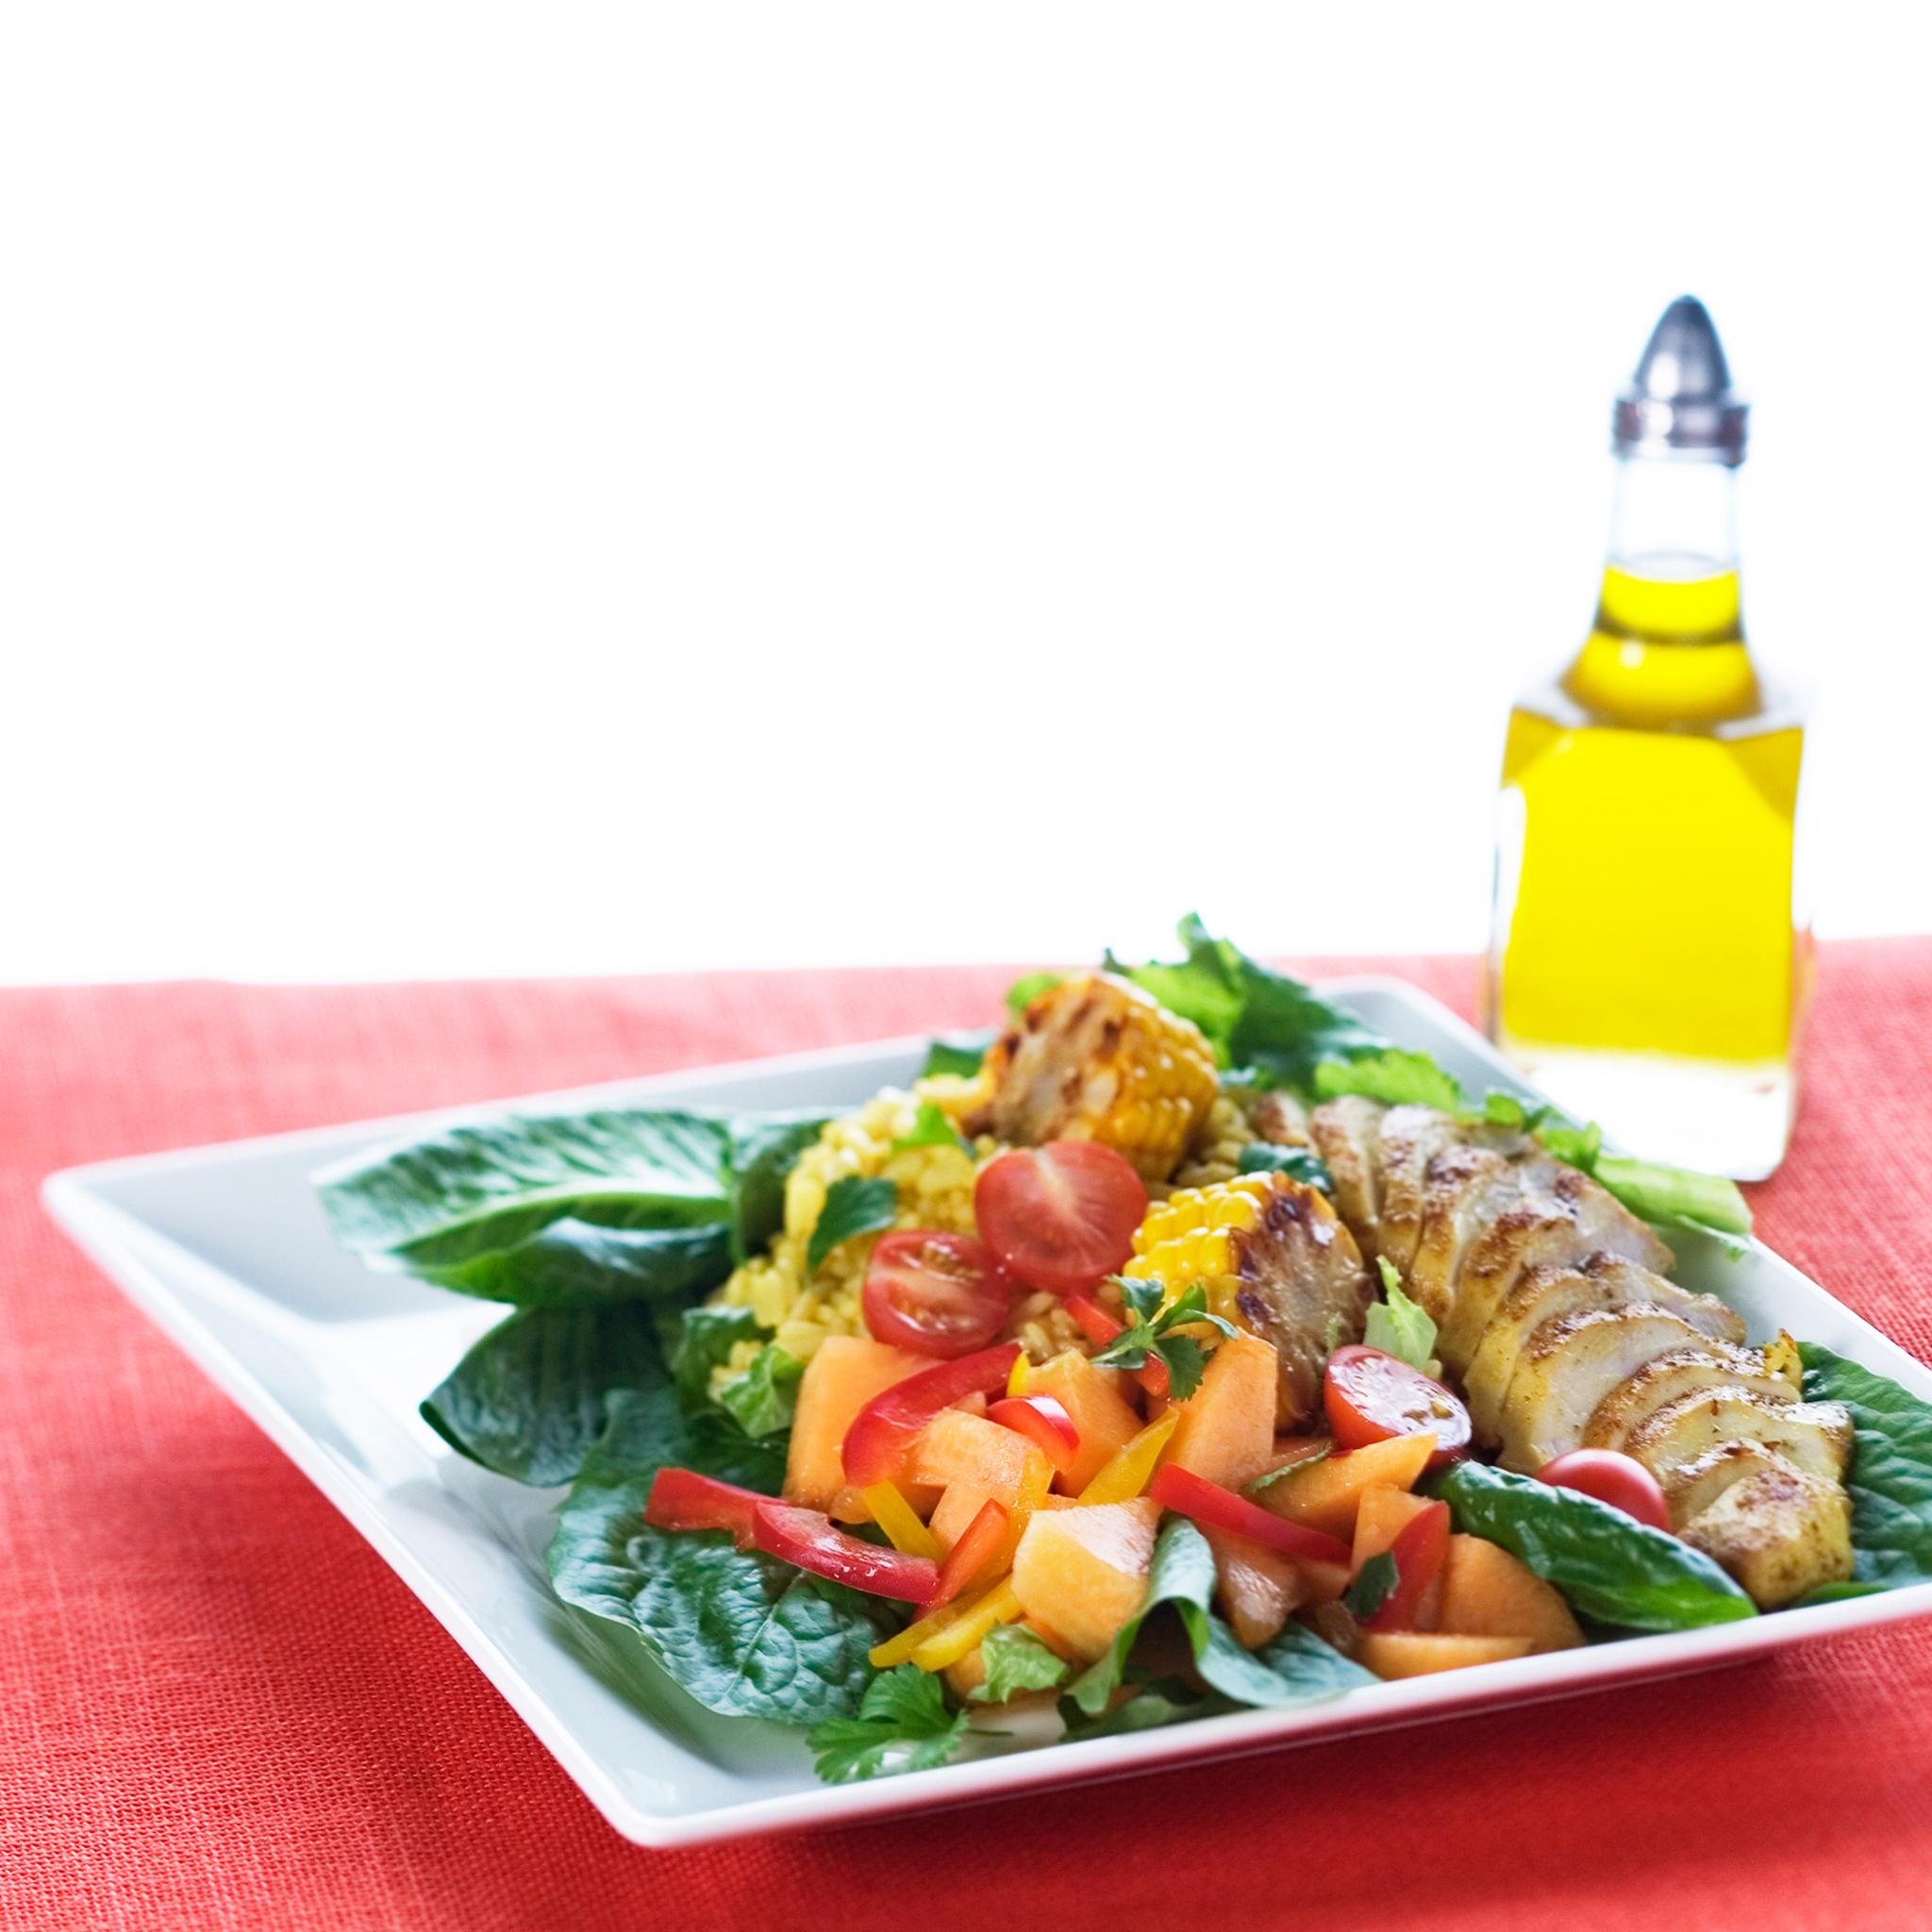 grillattu broilerinfilee salaatin kanssa